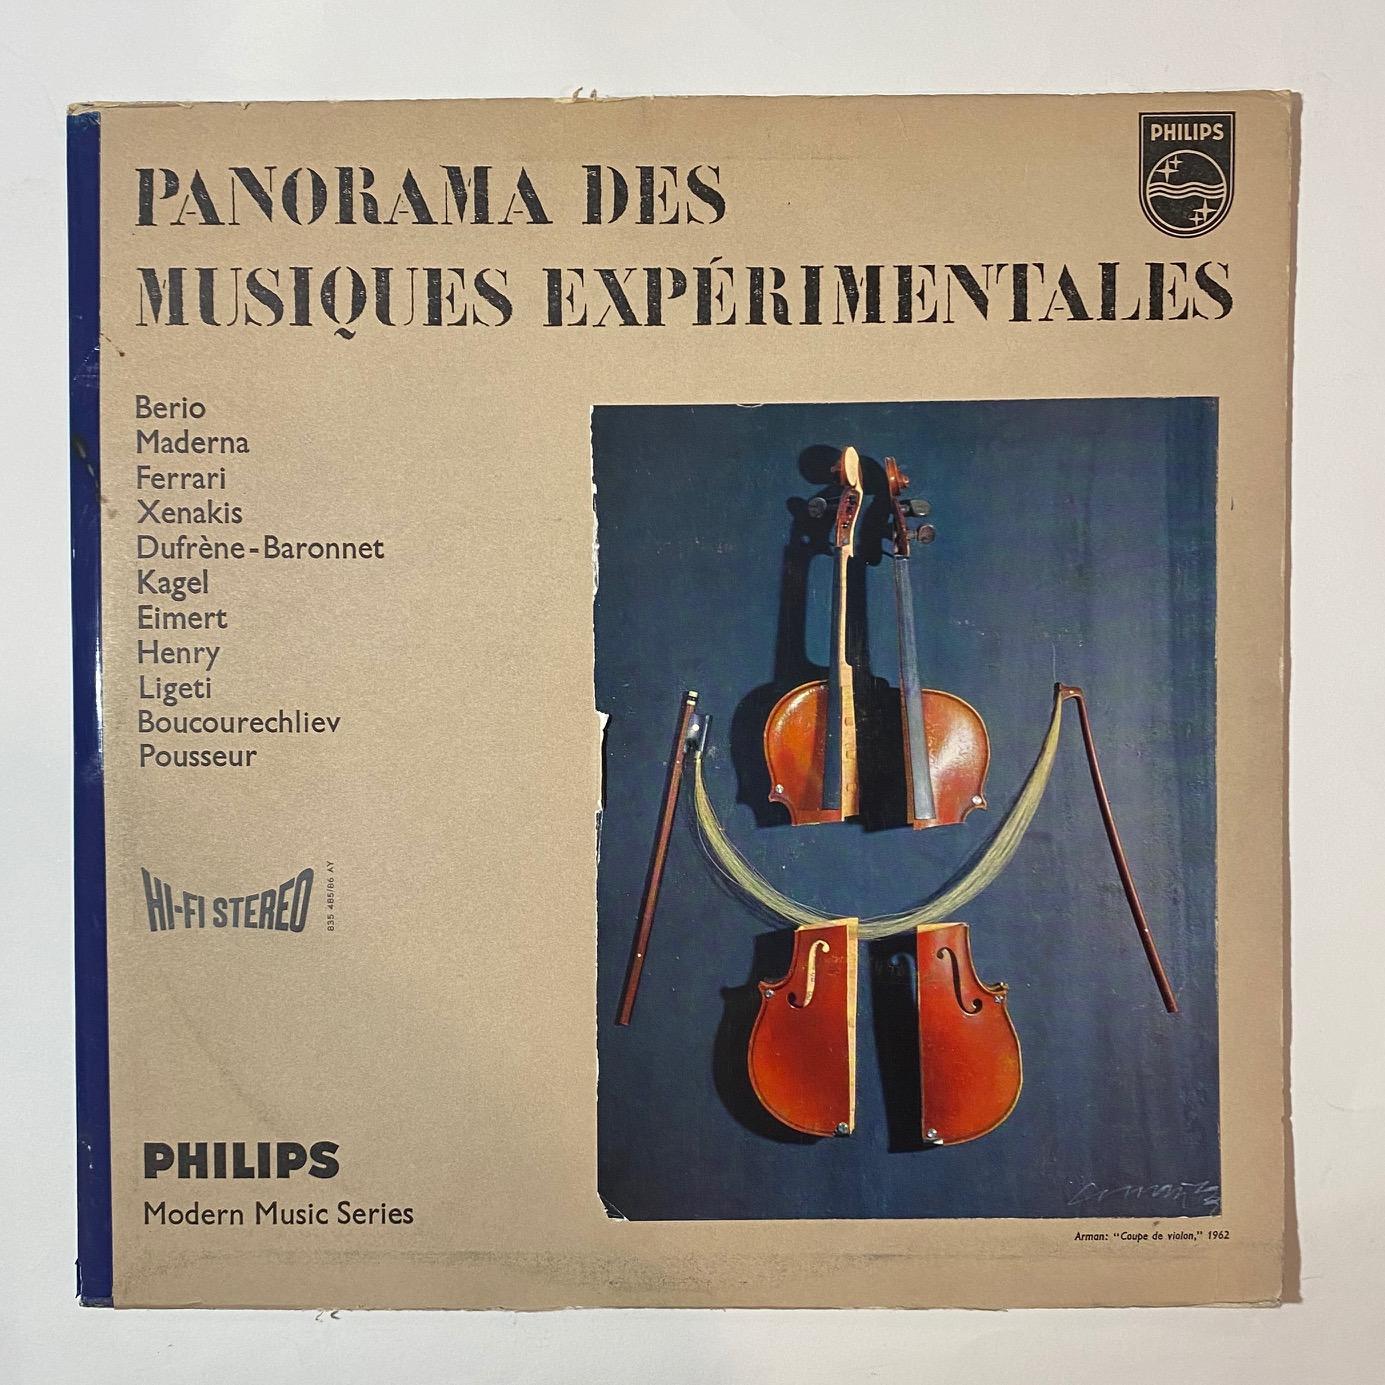 VARIOUS - Panorama Des Musiques Experimentales - LP x 2